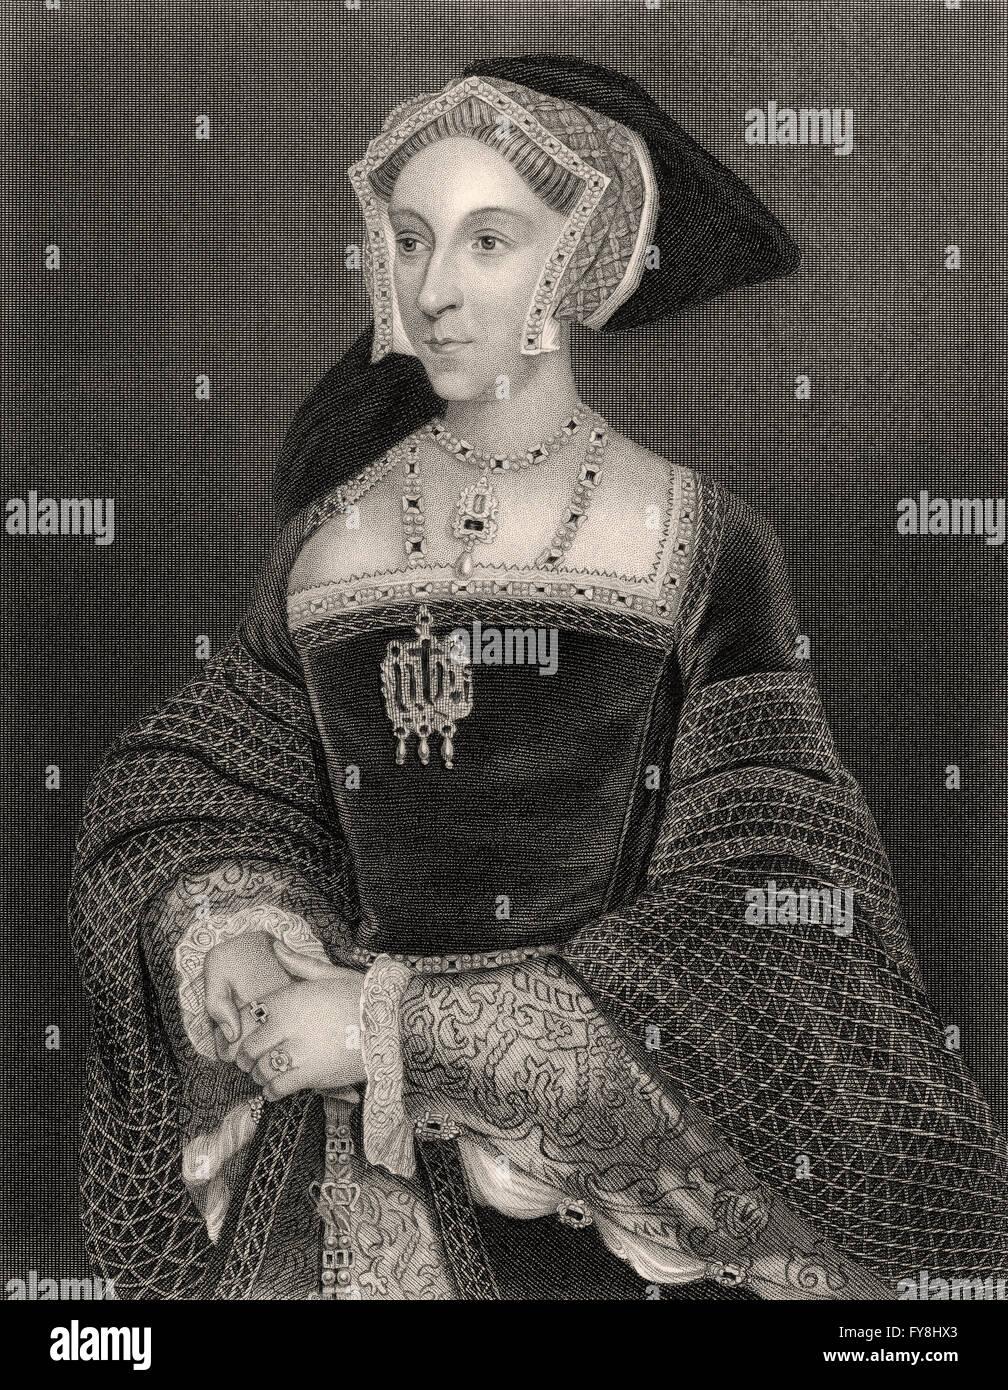 jane seymore ruler regarding england